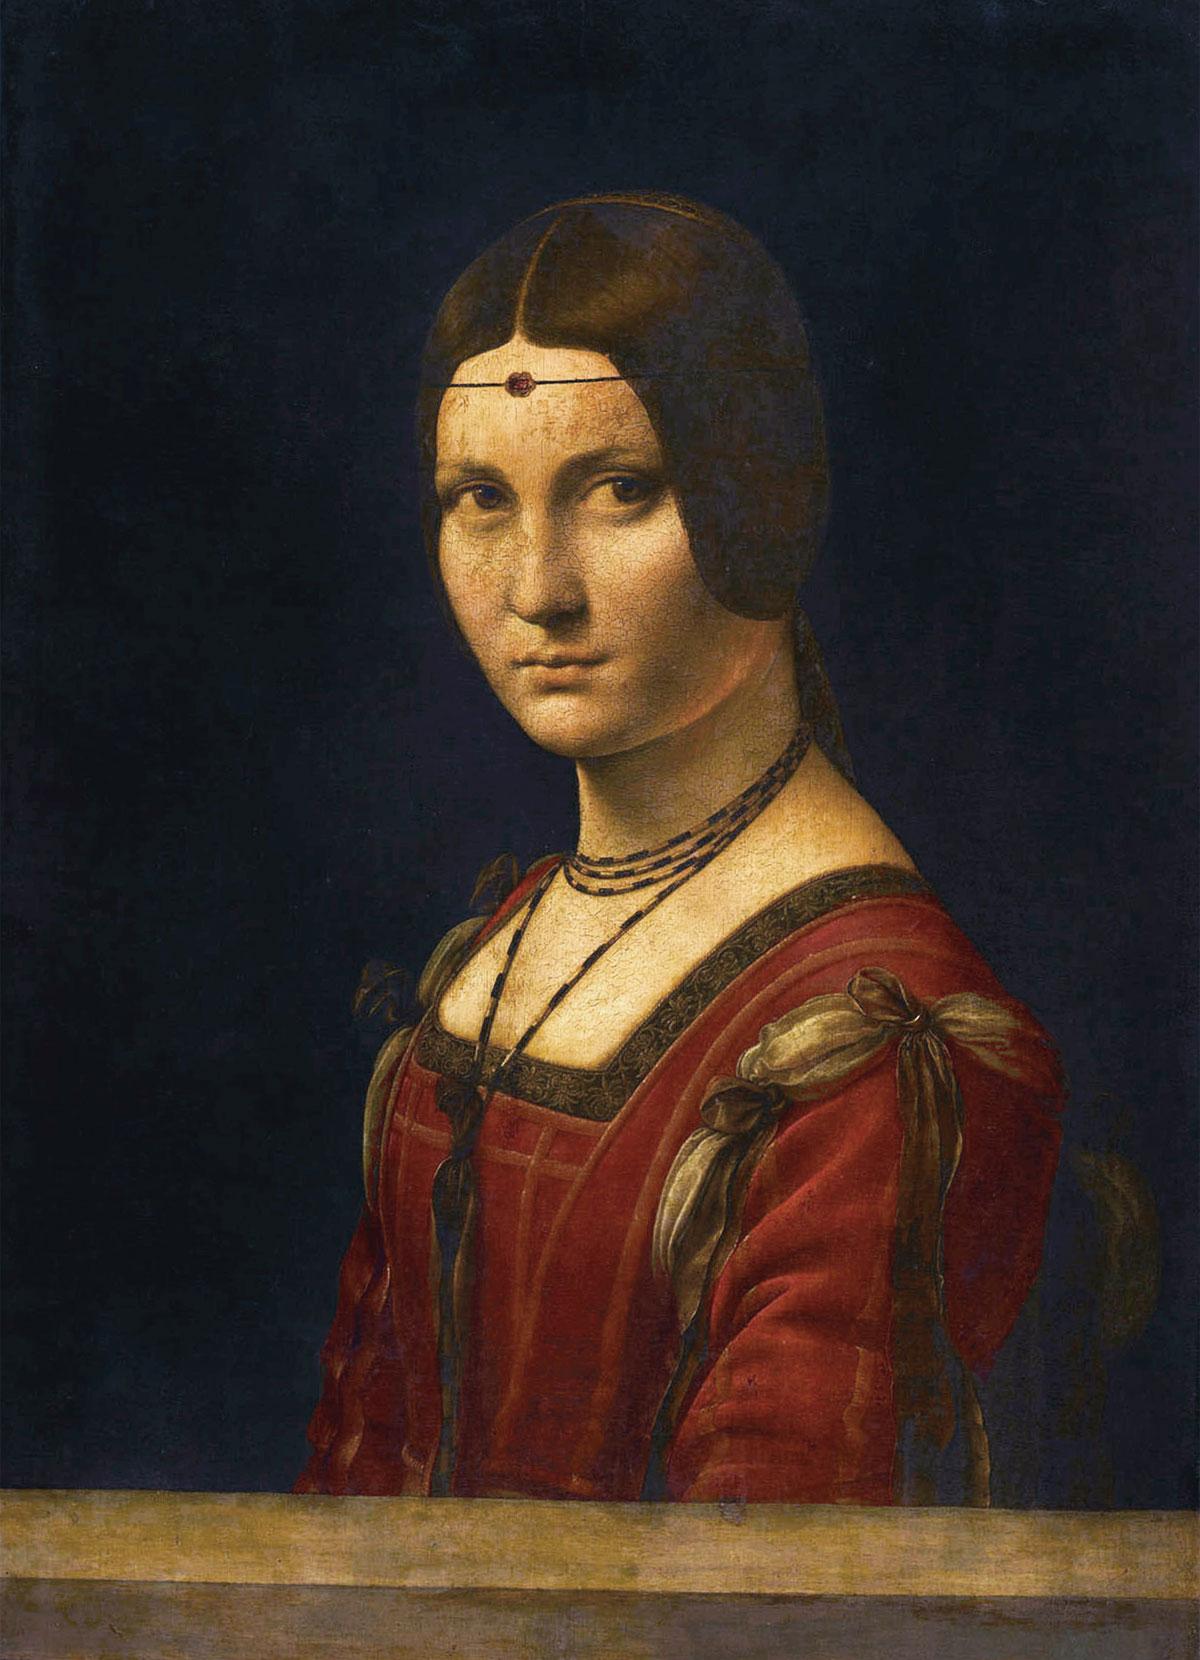 Belle Ferronnière (Leonardo da Vinci, 1482-1500)